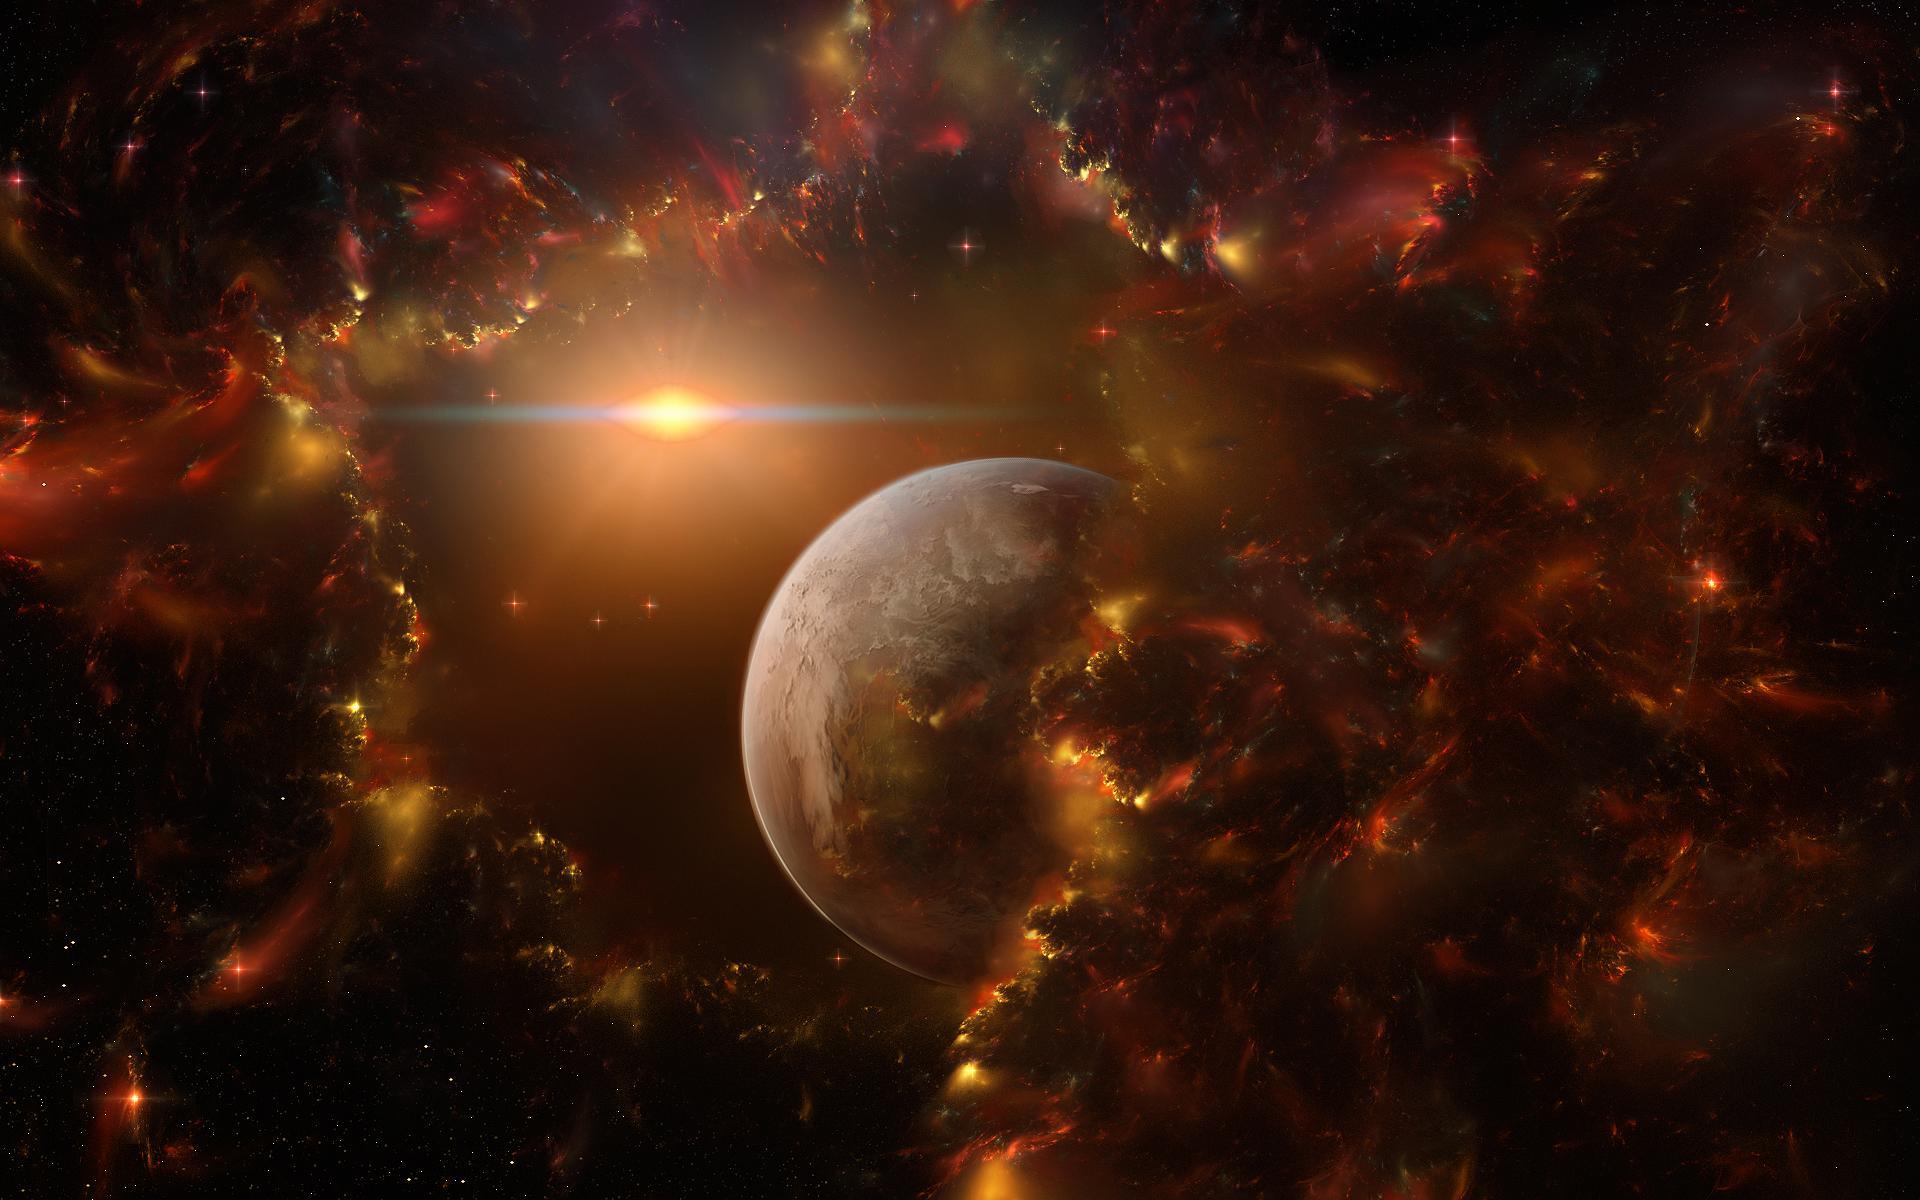 Фантастика космос звезды планета